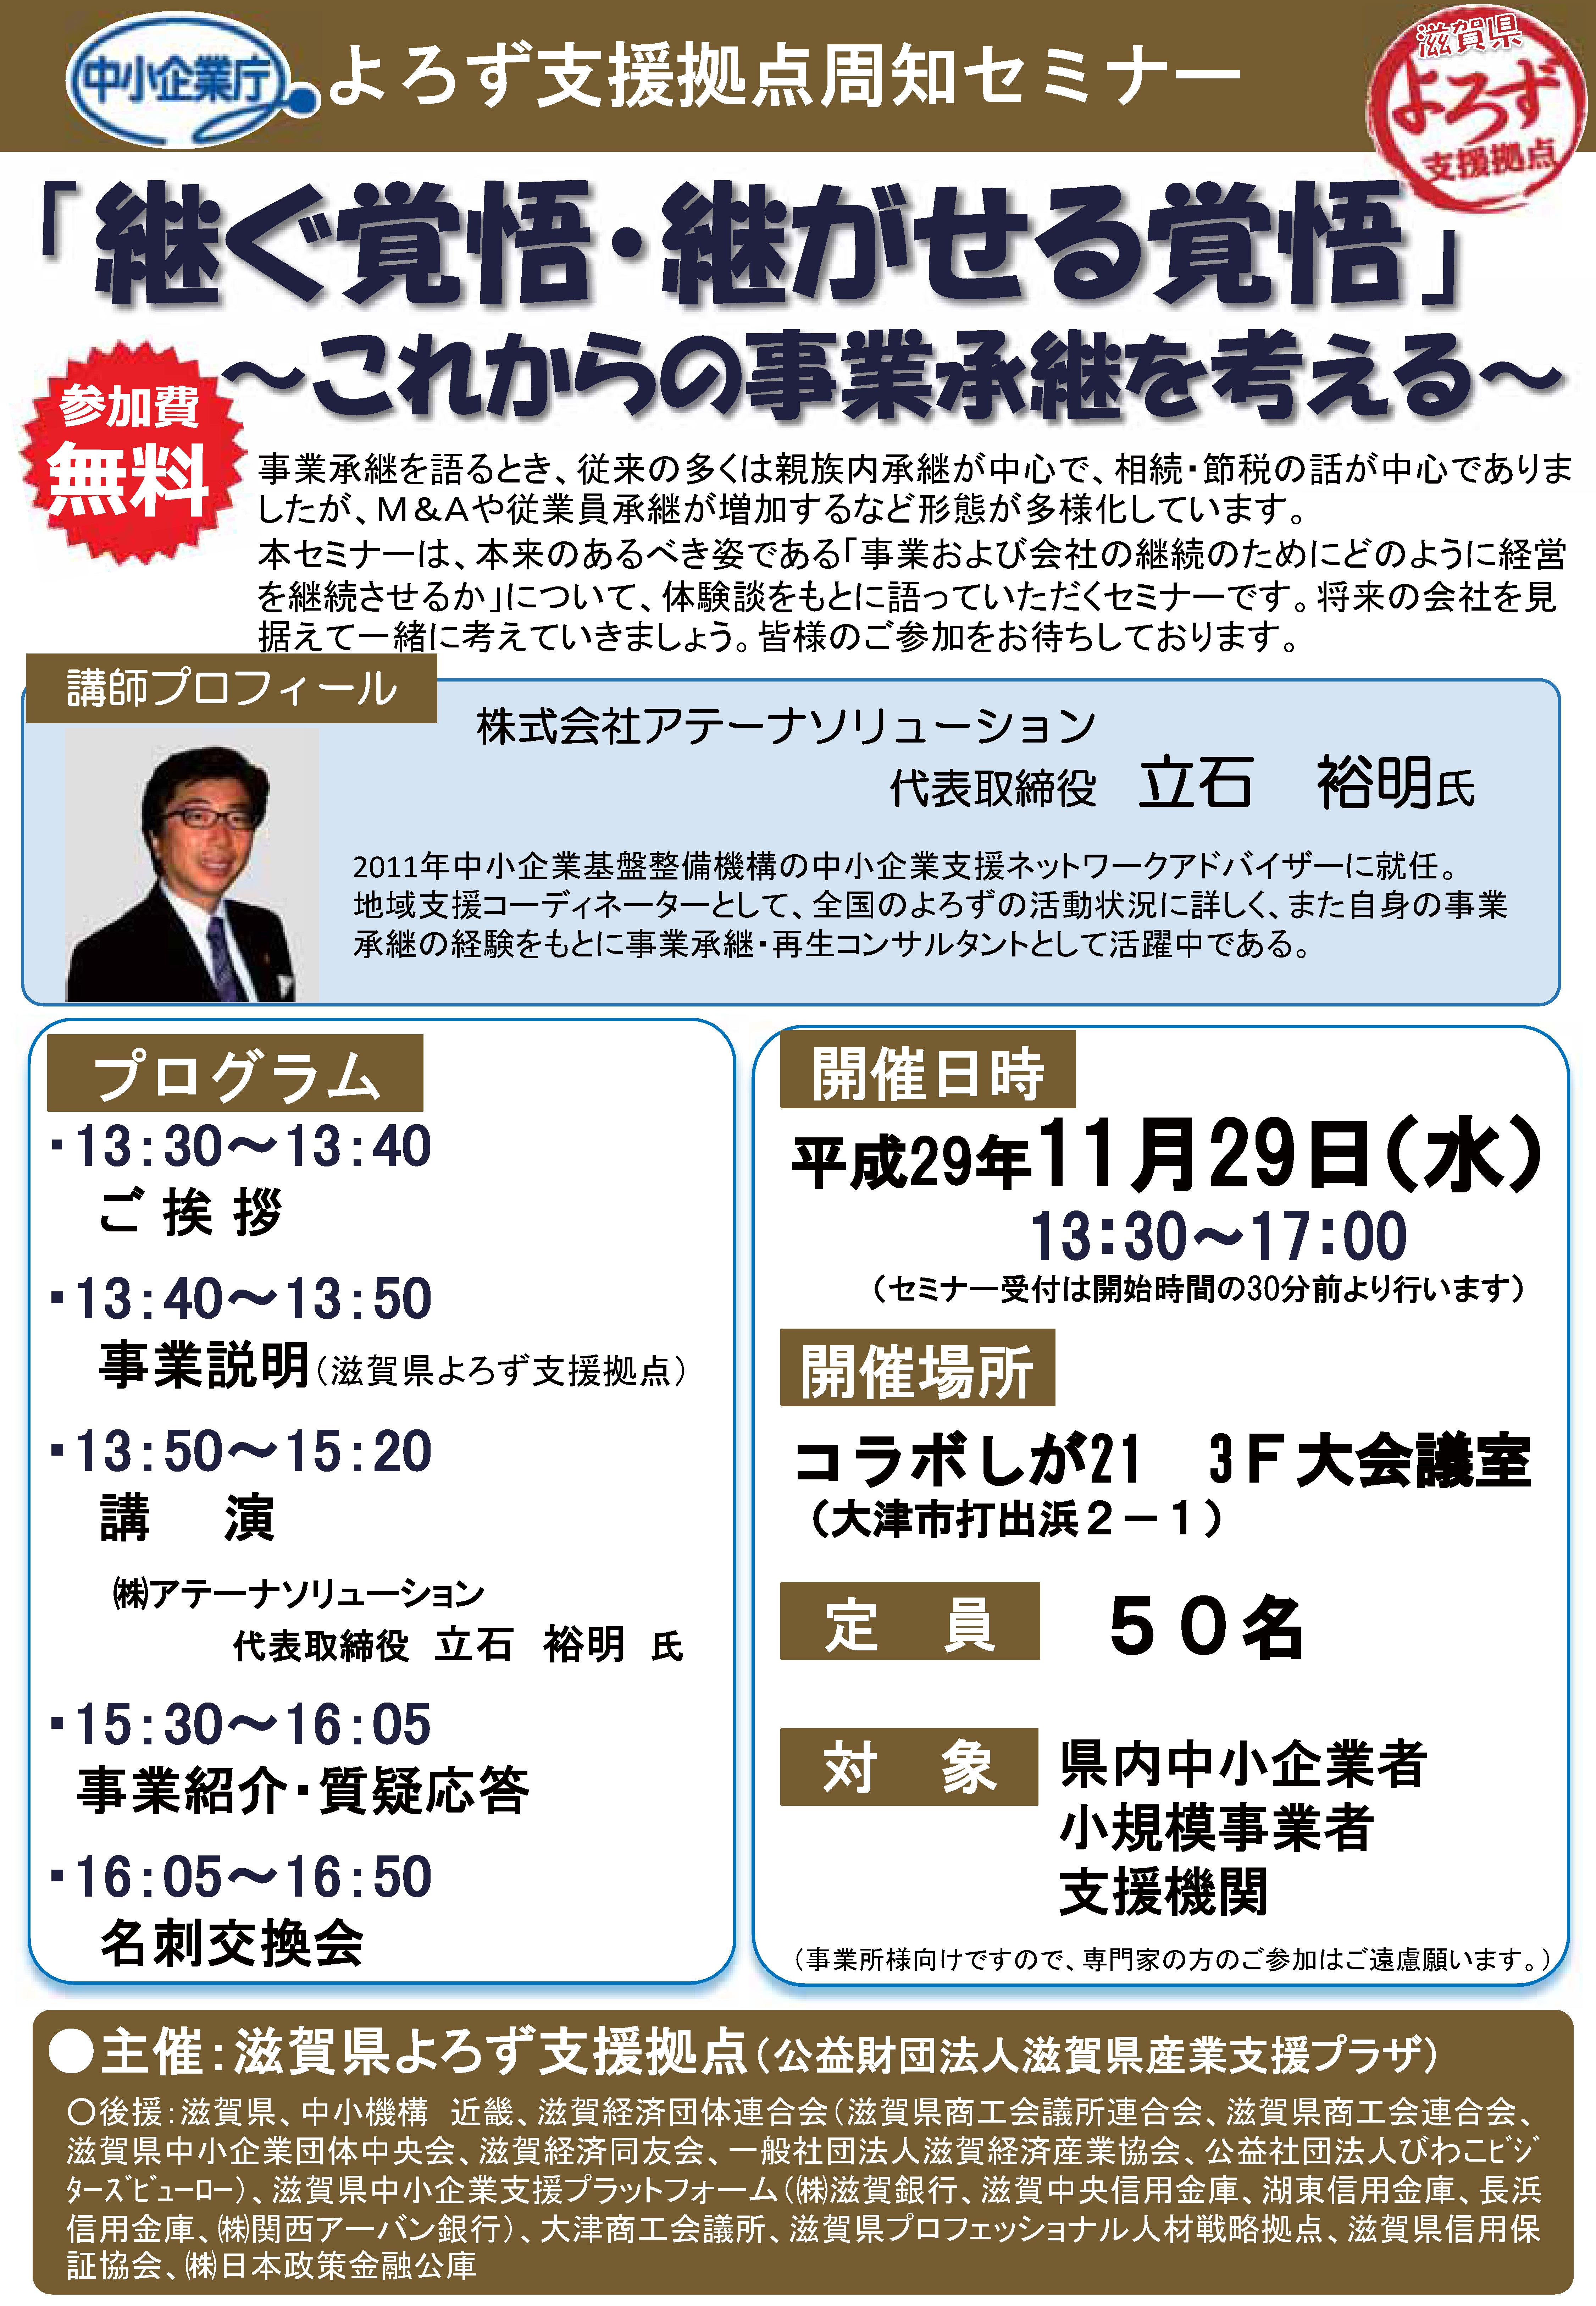 yorozu-chirashi1129_ページ_1